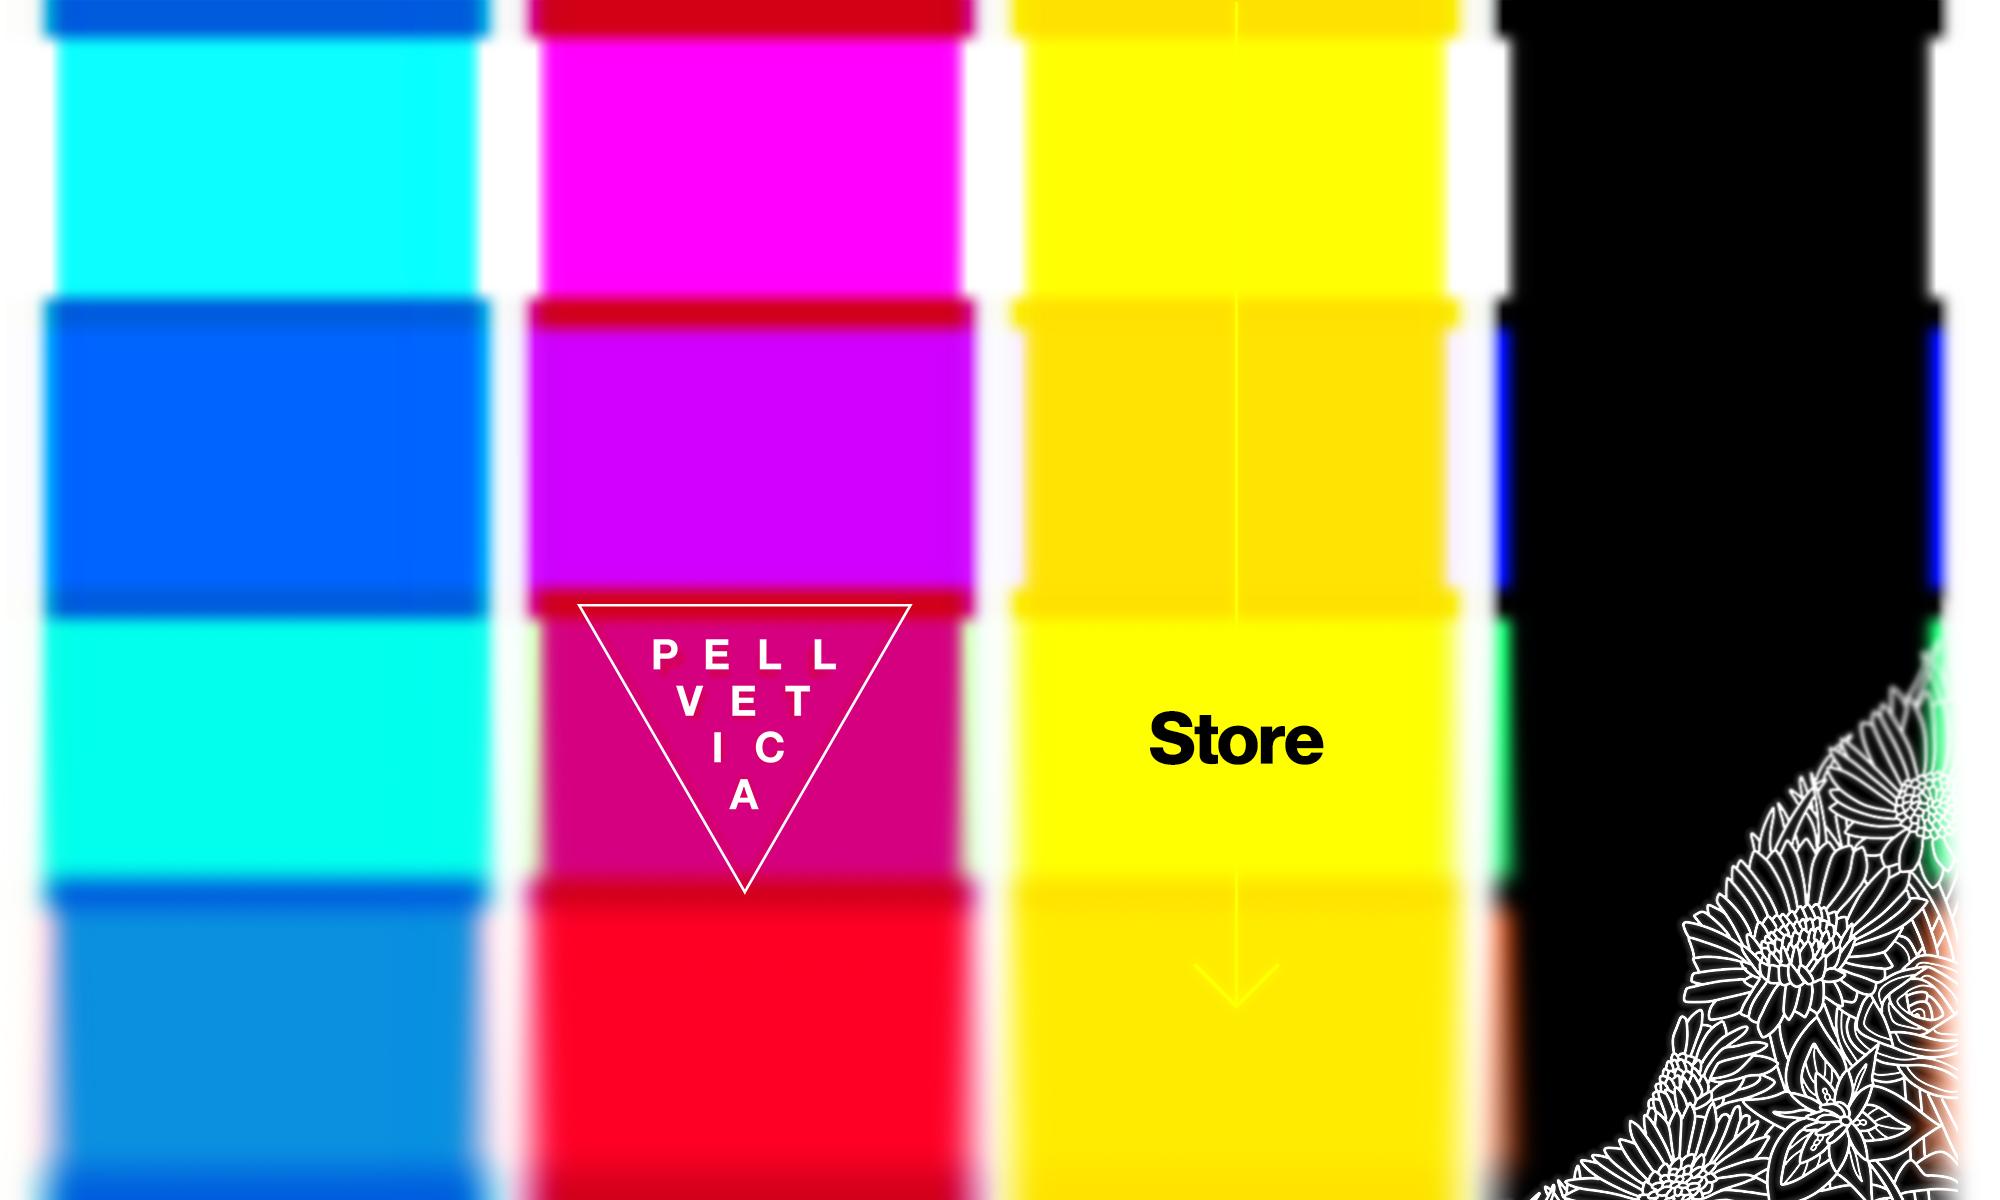 Pellvetica